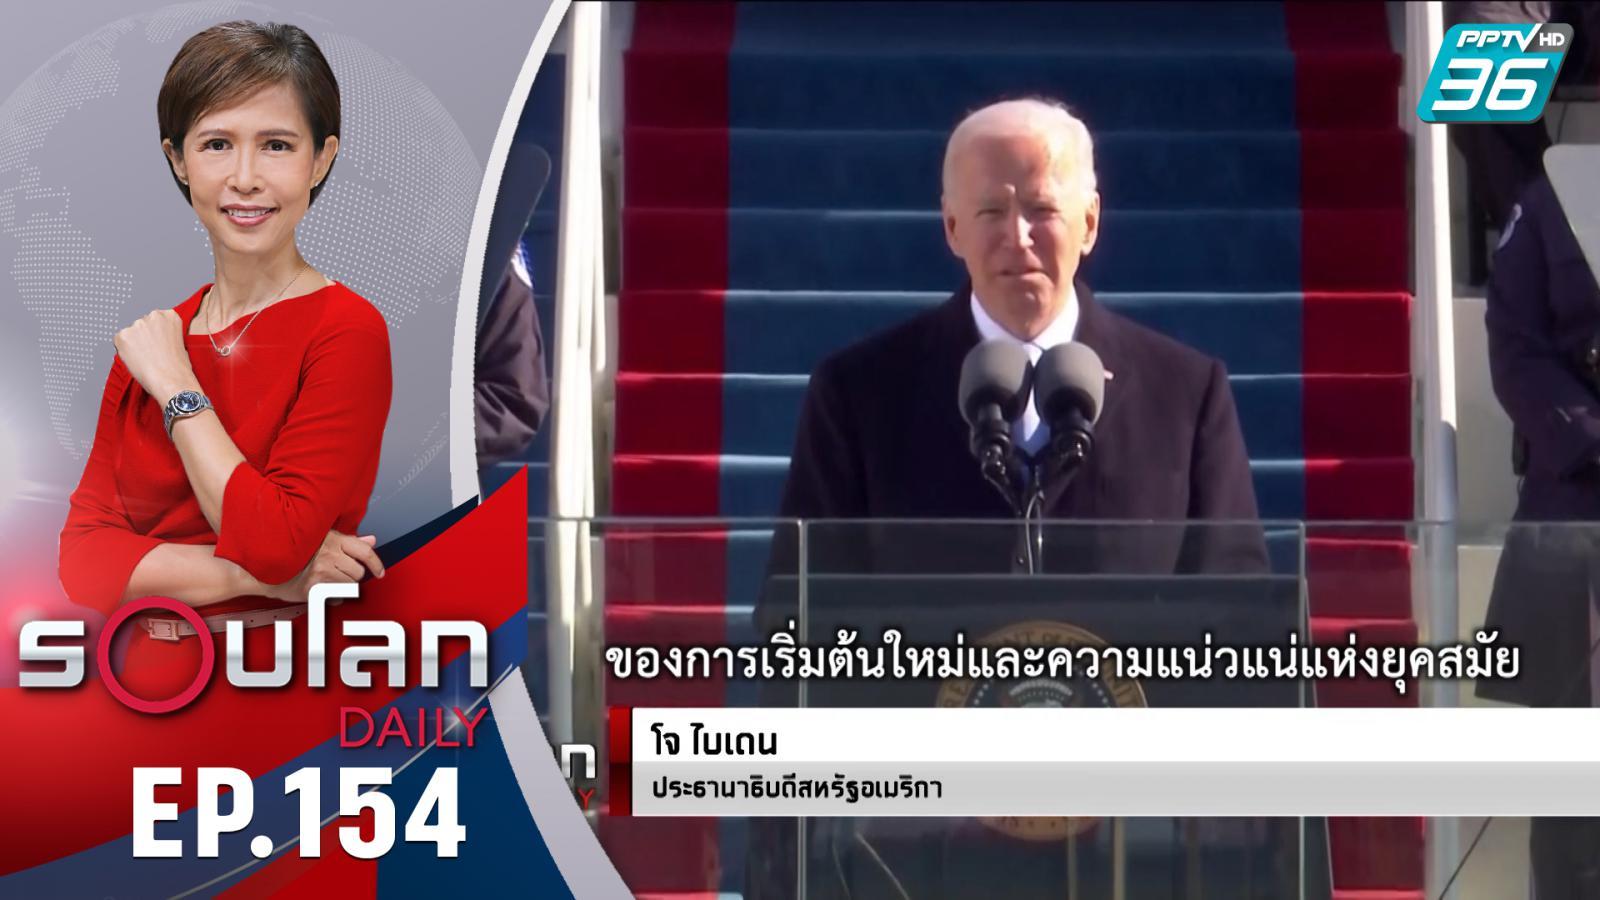 โจ ไบเดน ประธานาธิบดีสหรัฐฯ คนที่ 46 อย่างเป็นทางการ | 21 ม.ค. 64 | รอบโลก DAILY